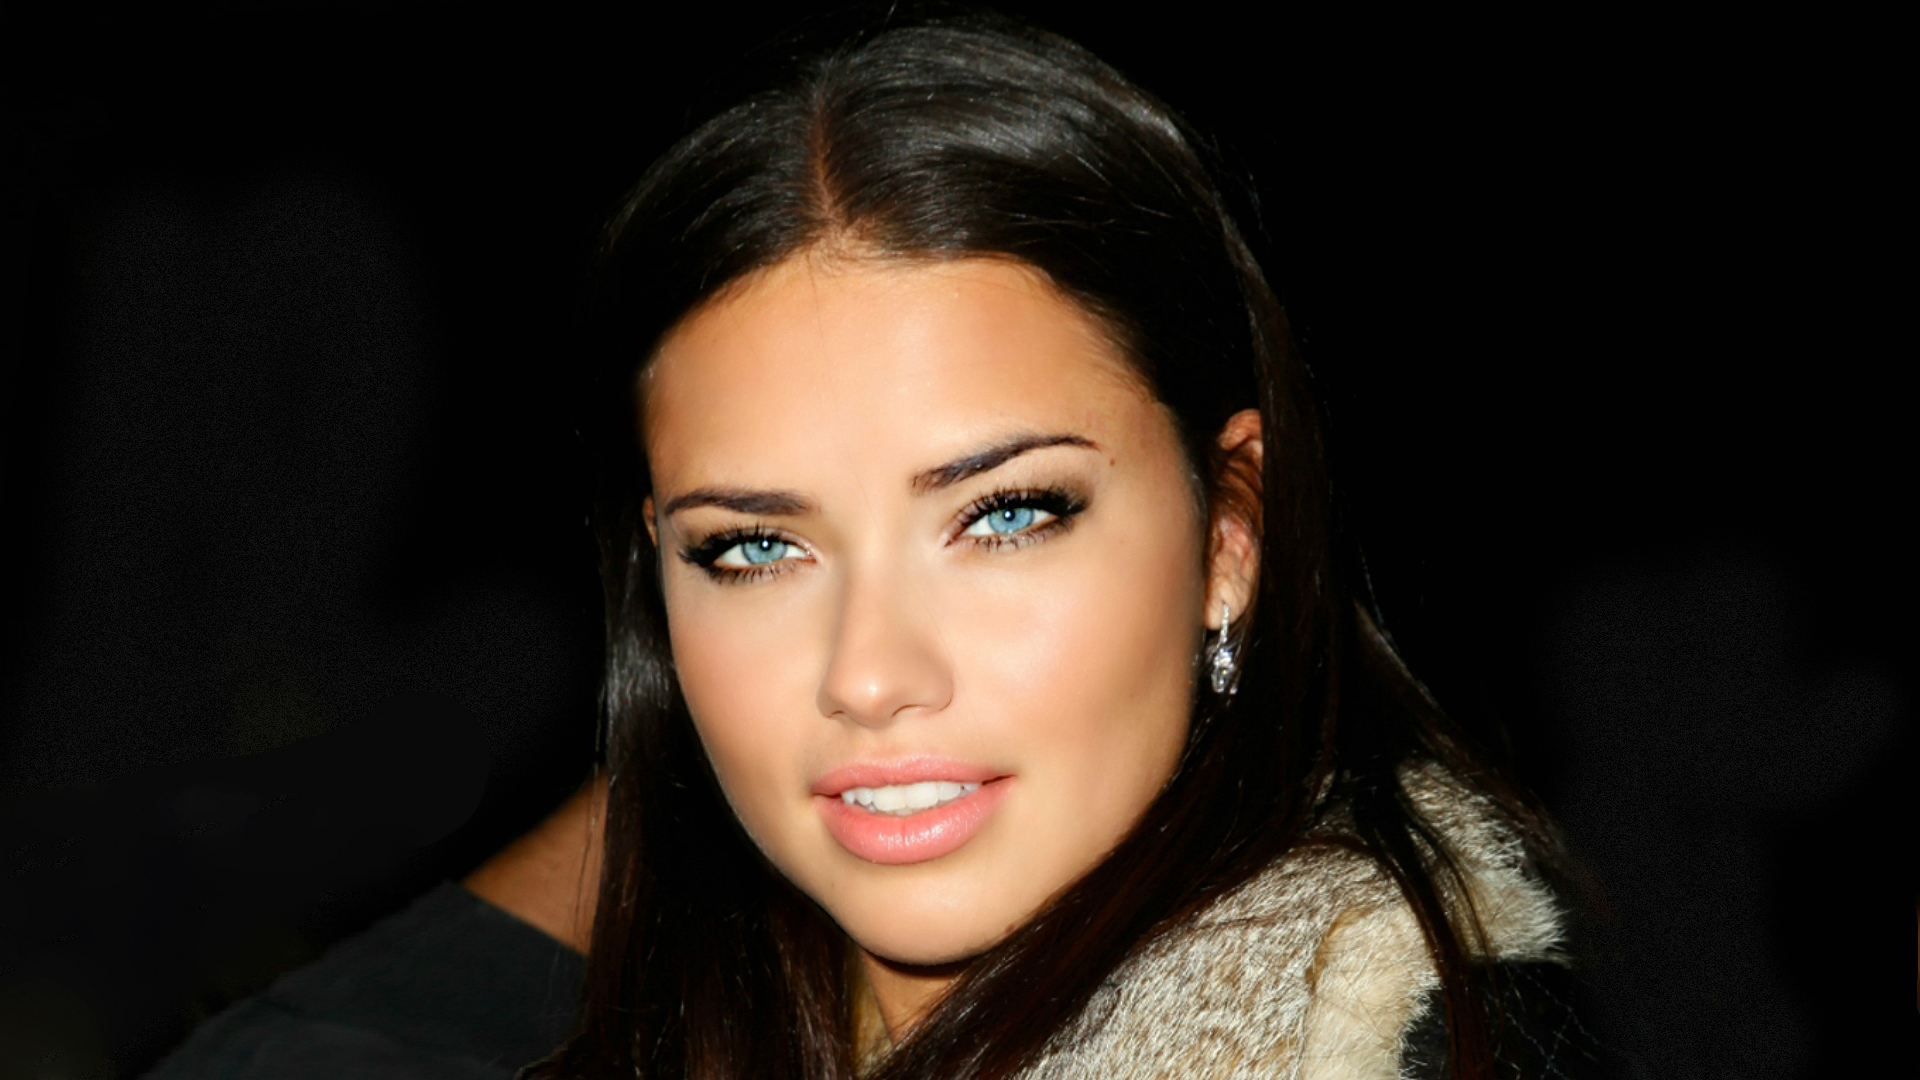 самые красивые девушки мира видео hd